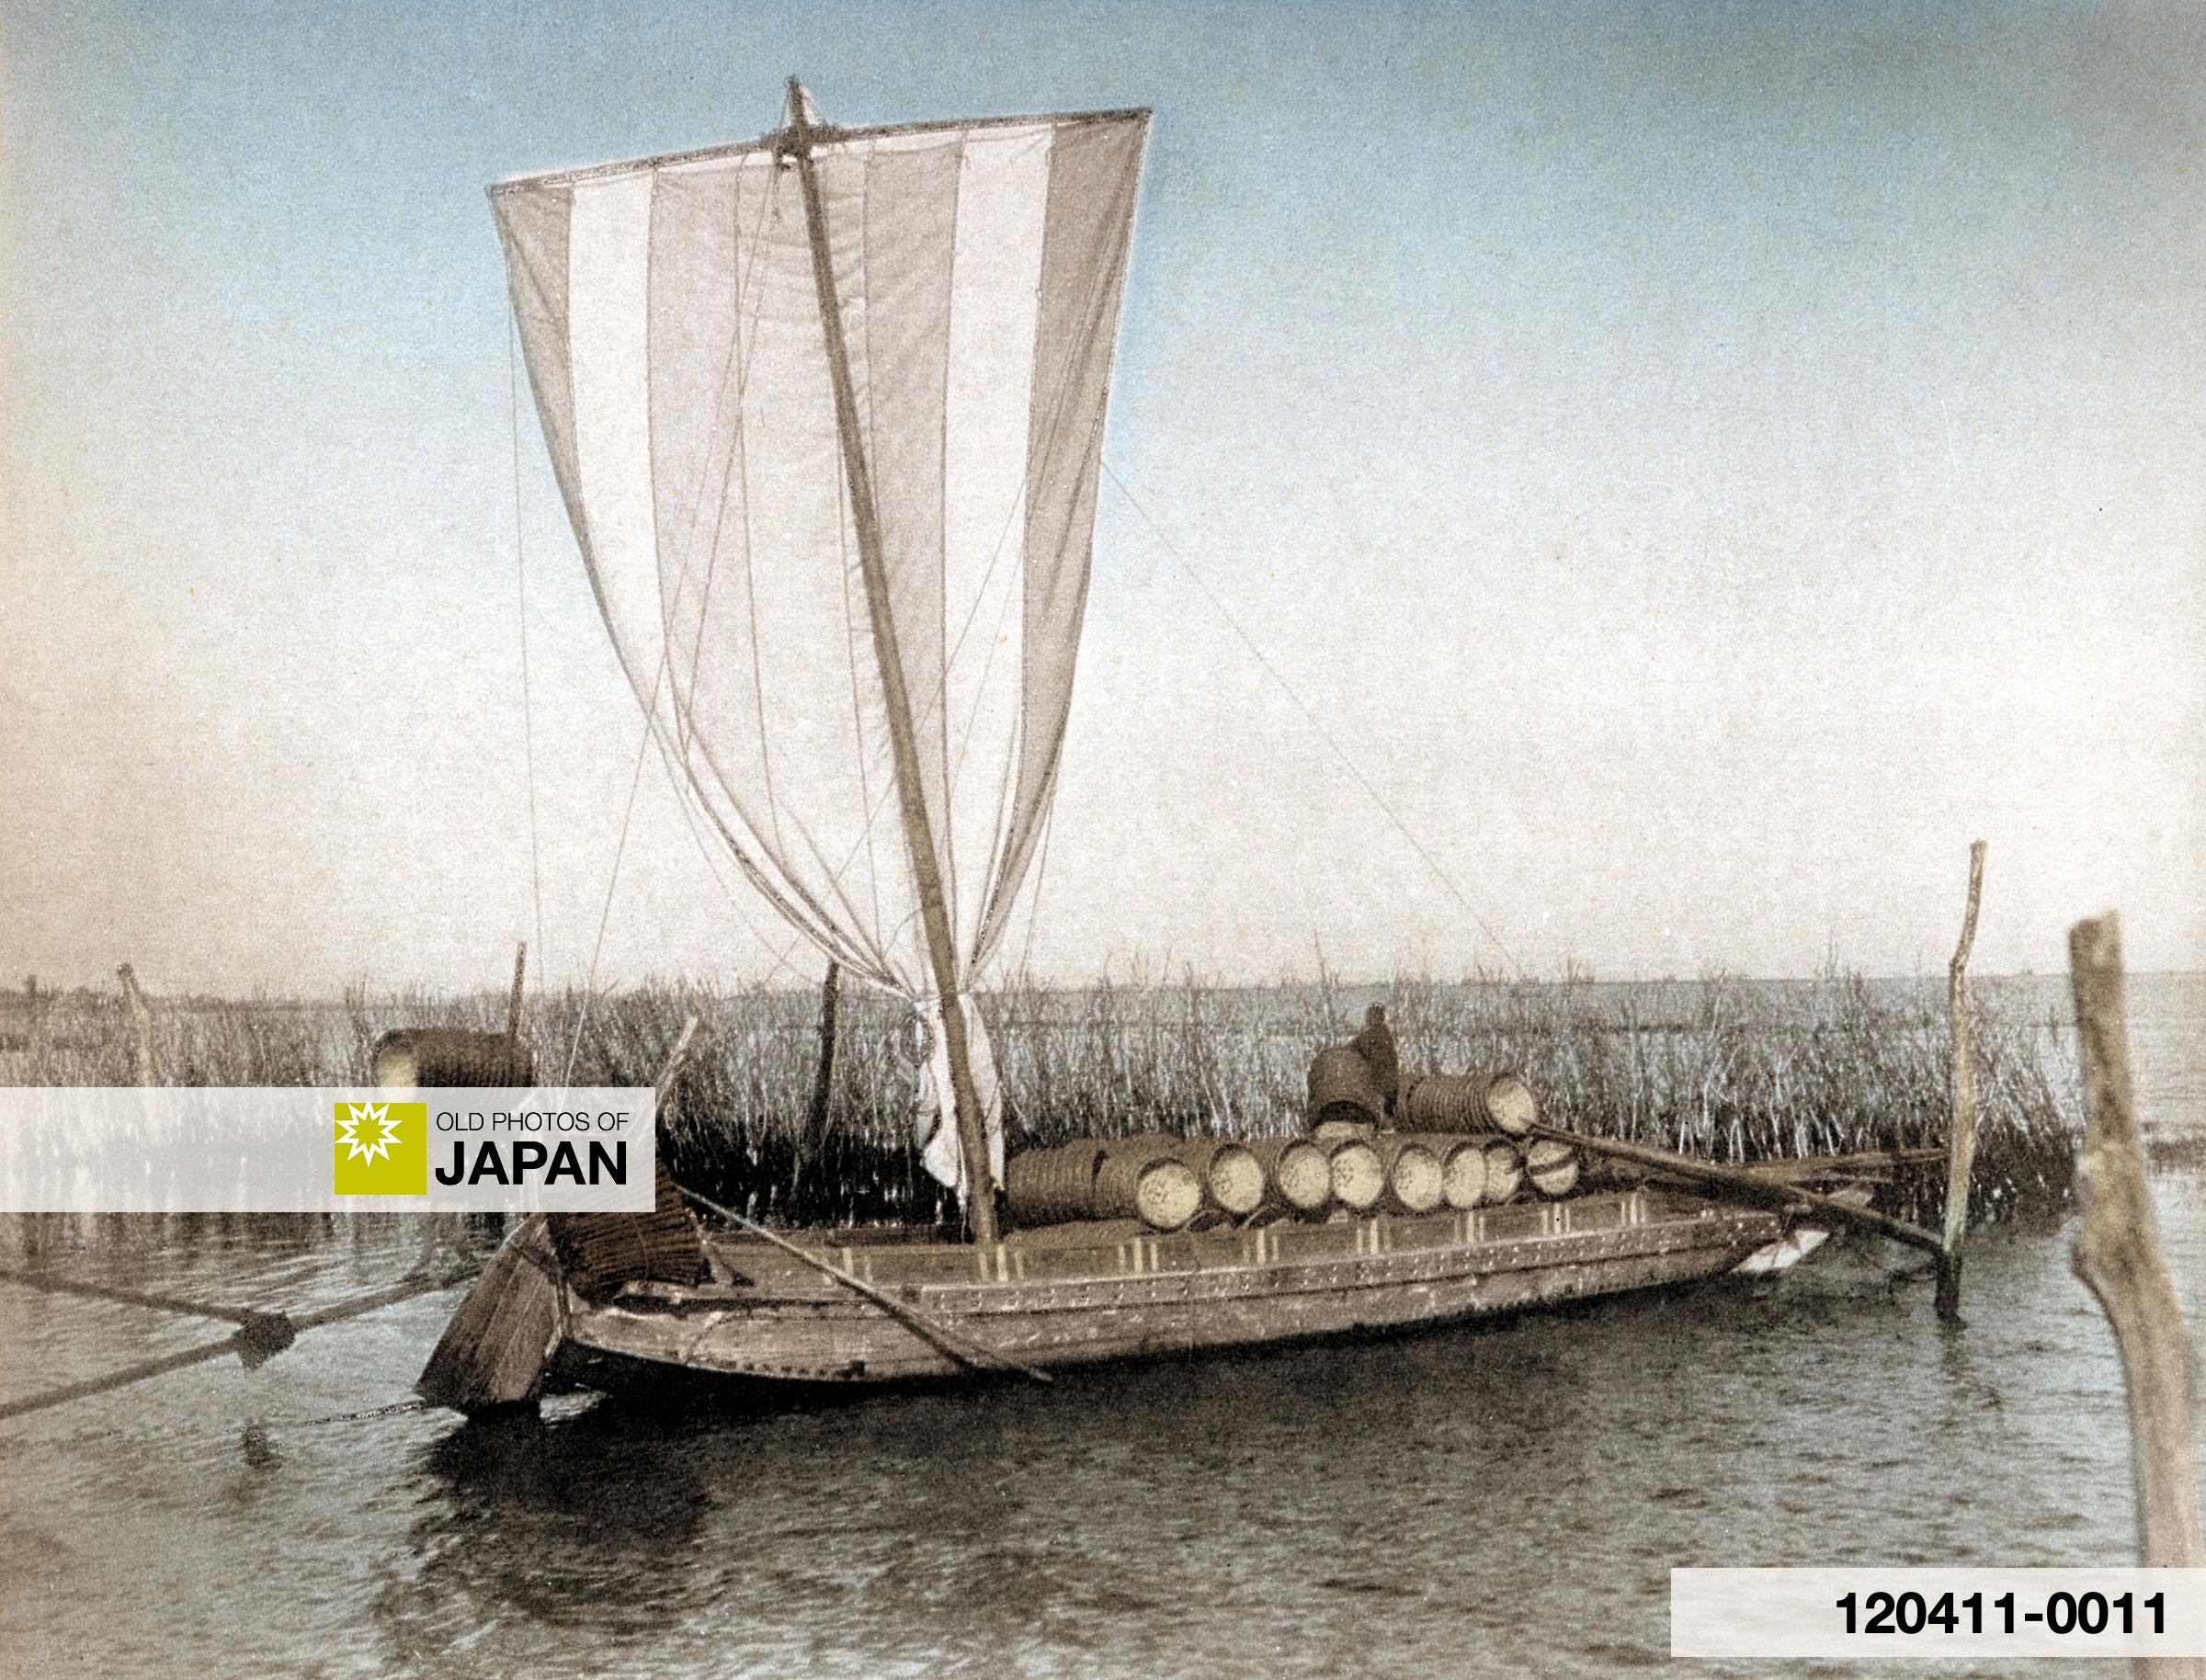 120411-0011 - Boat for collecting seaweed at Shinagawa, ca 1895 (Meiji 28)